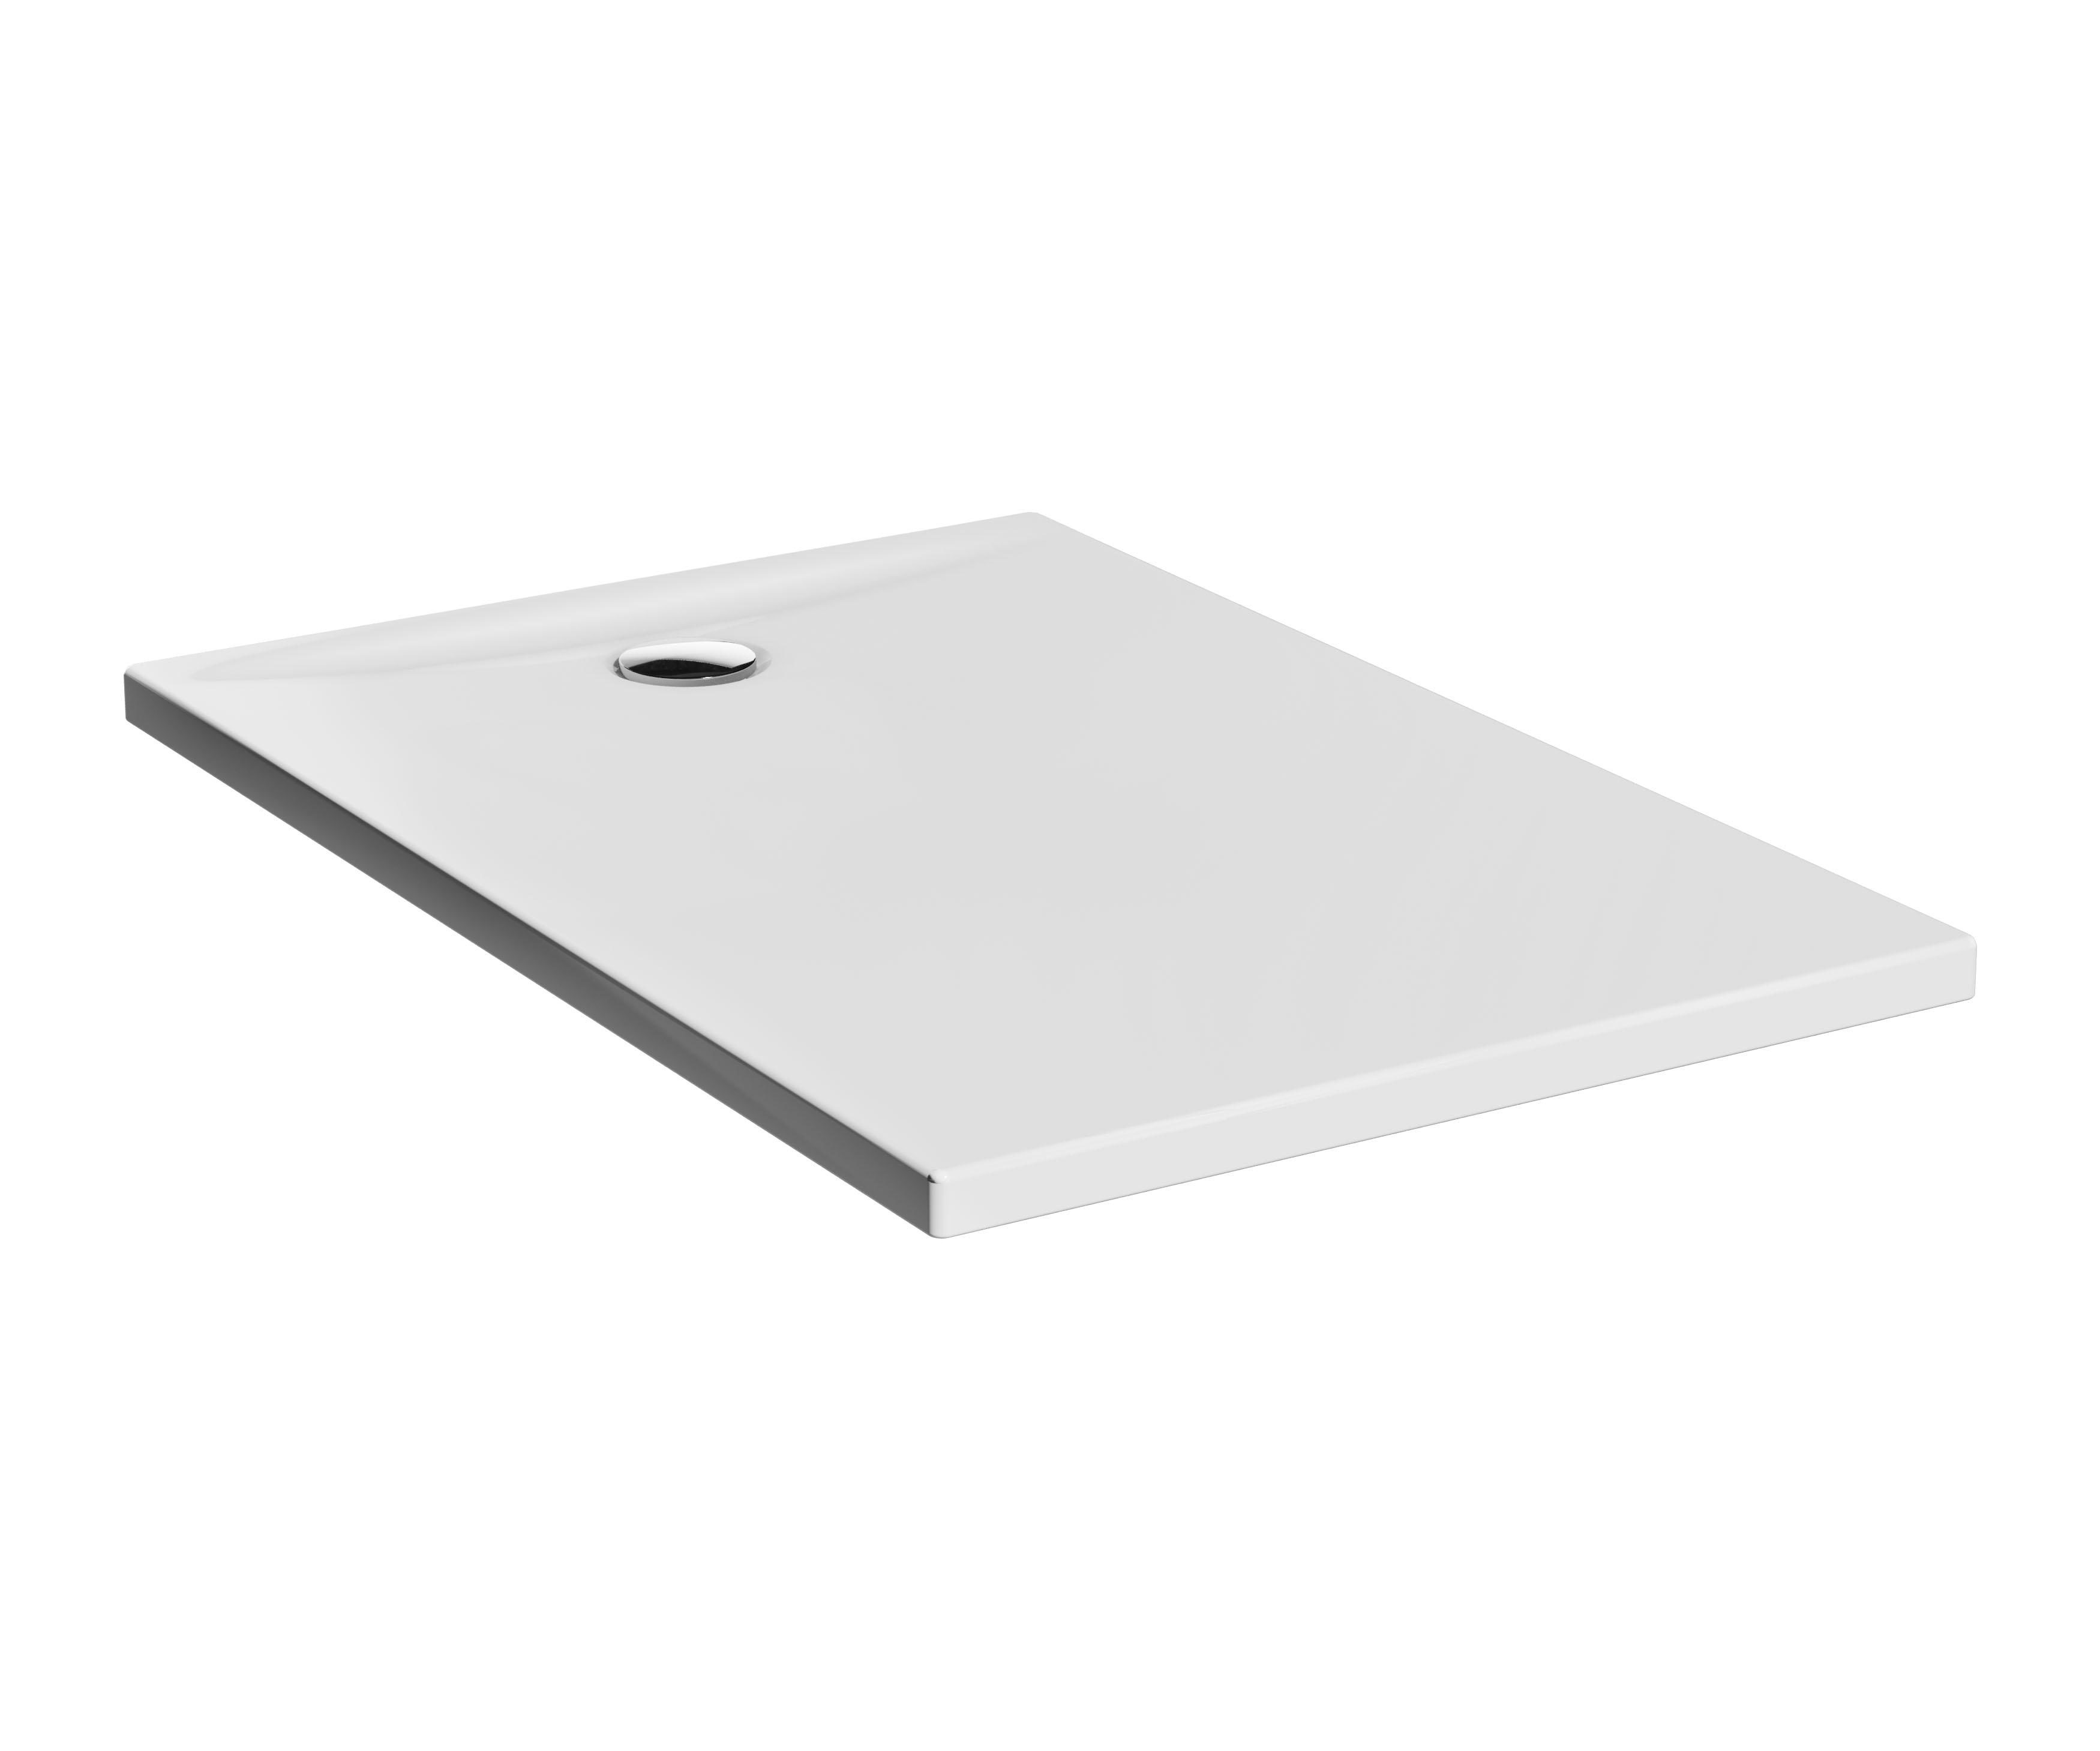 Lagoon receveur ultra plat en céramique, 120  x  80 cm, blanc haute brillance